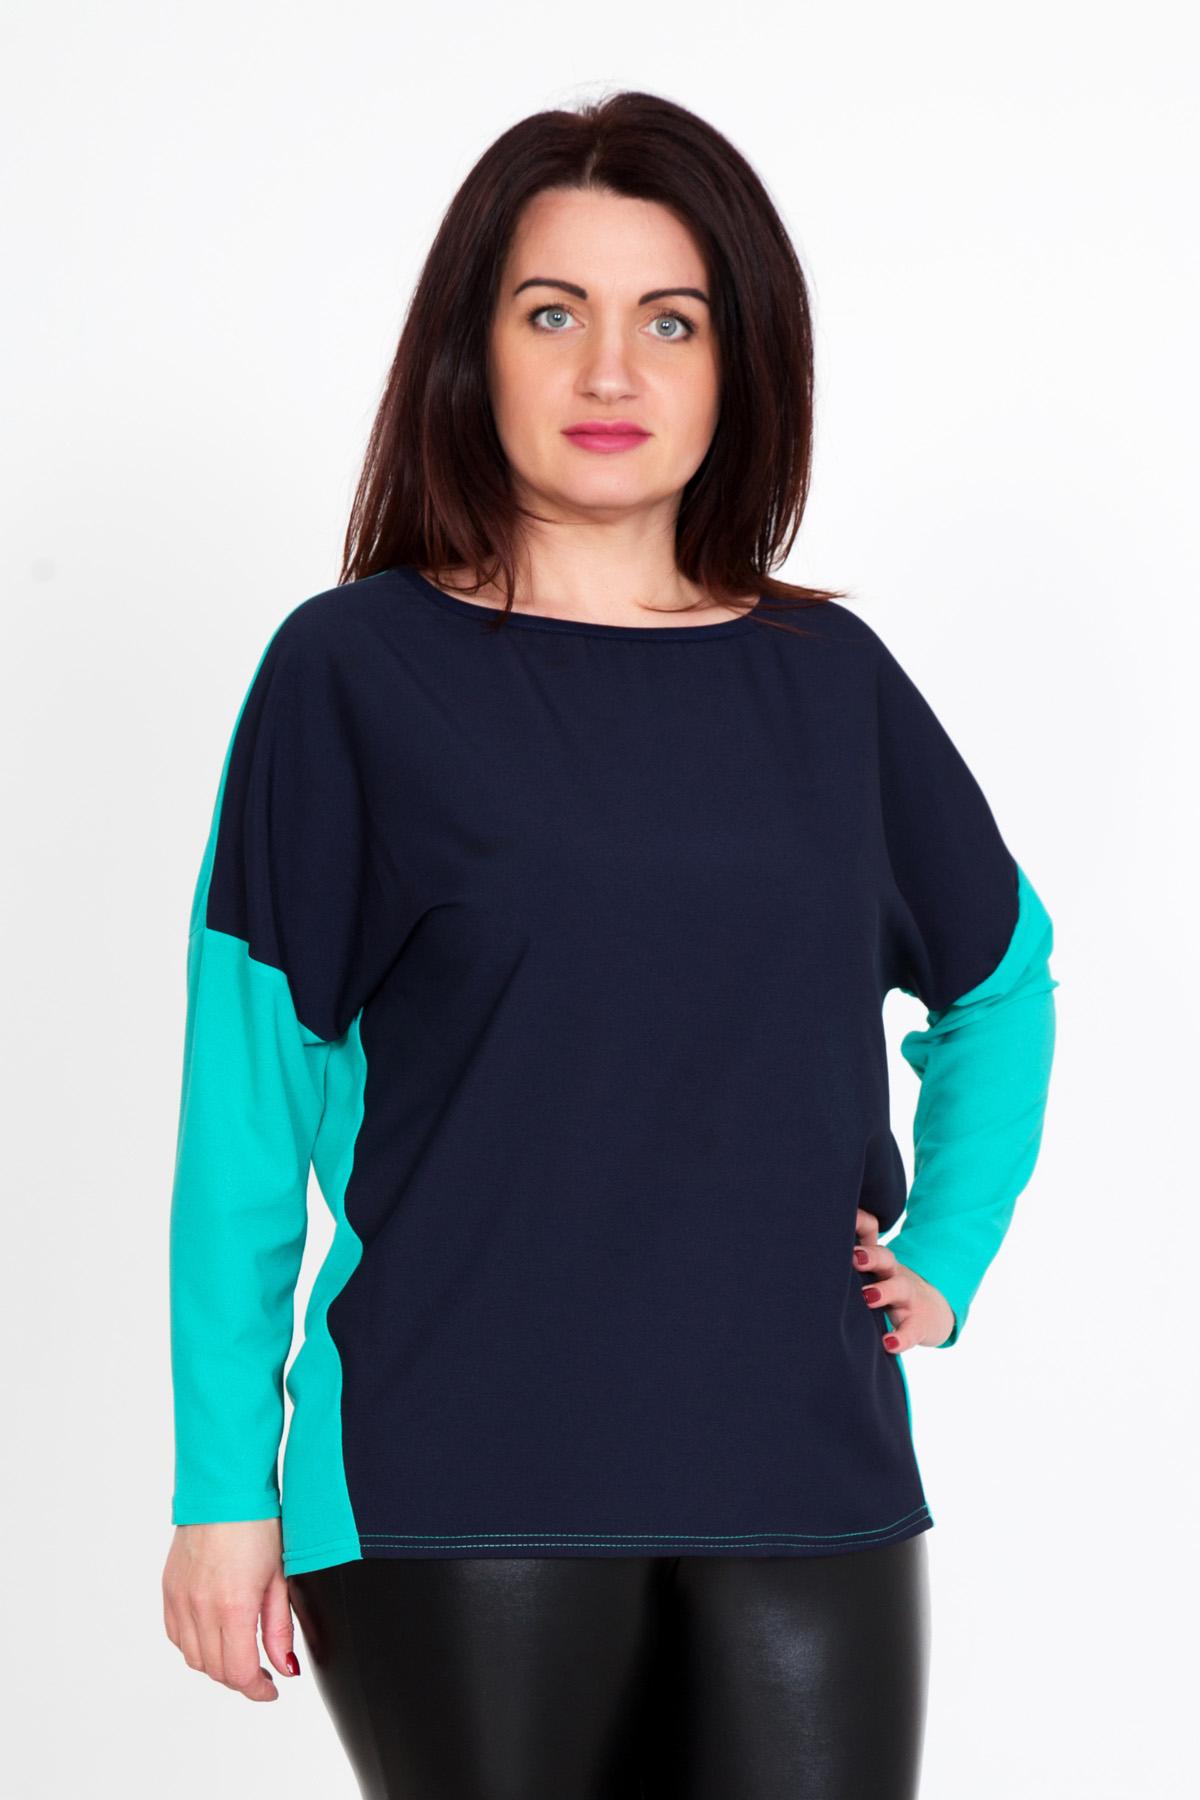 Жен. блуза Наоми р. 58Распродажа женской одежды<br>Обхват груди: 116 см <br>Обхват талии: 97 см <br>Обхват бедер: 124 см <br>Длина по спинке: 69 см <br>Рост: 167 см<br><br>Тип: Жен. блуза<br>Размер: 58<br>Материал: Креп